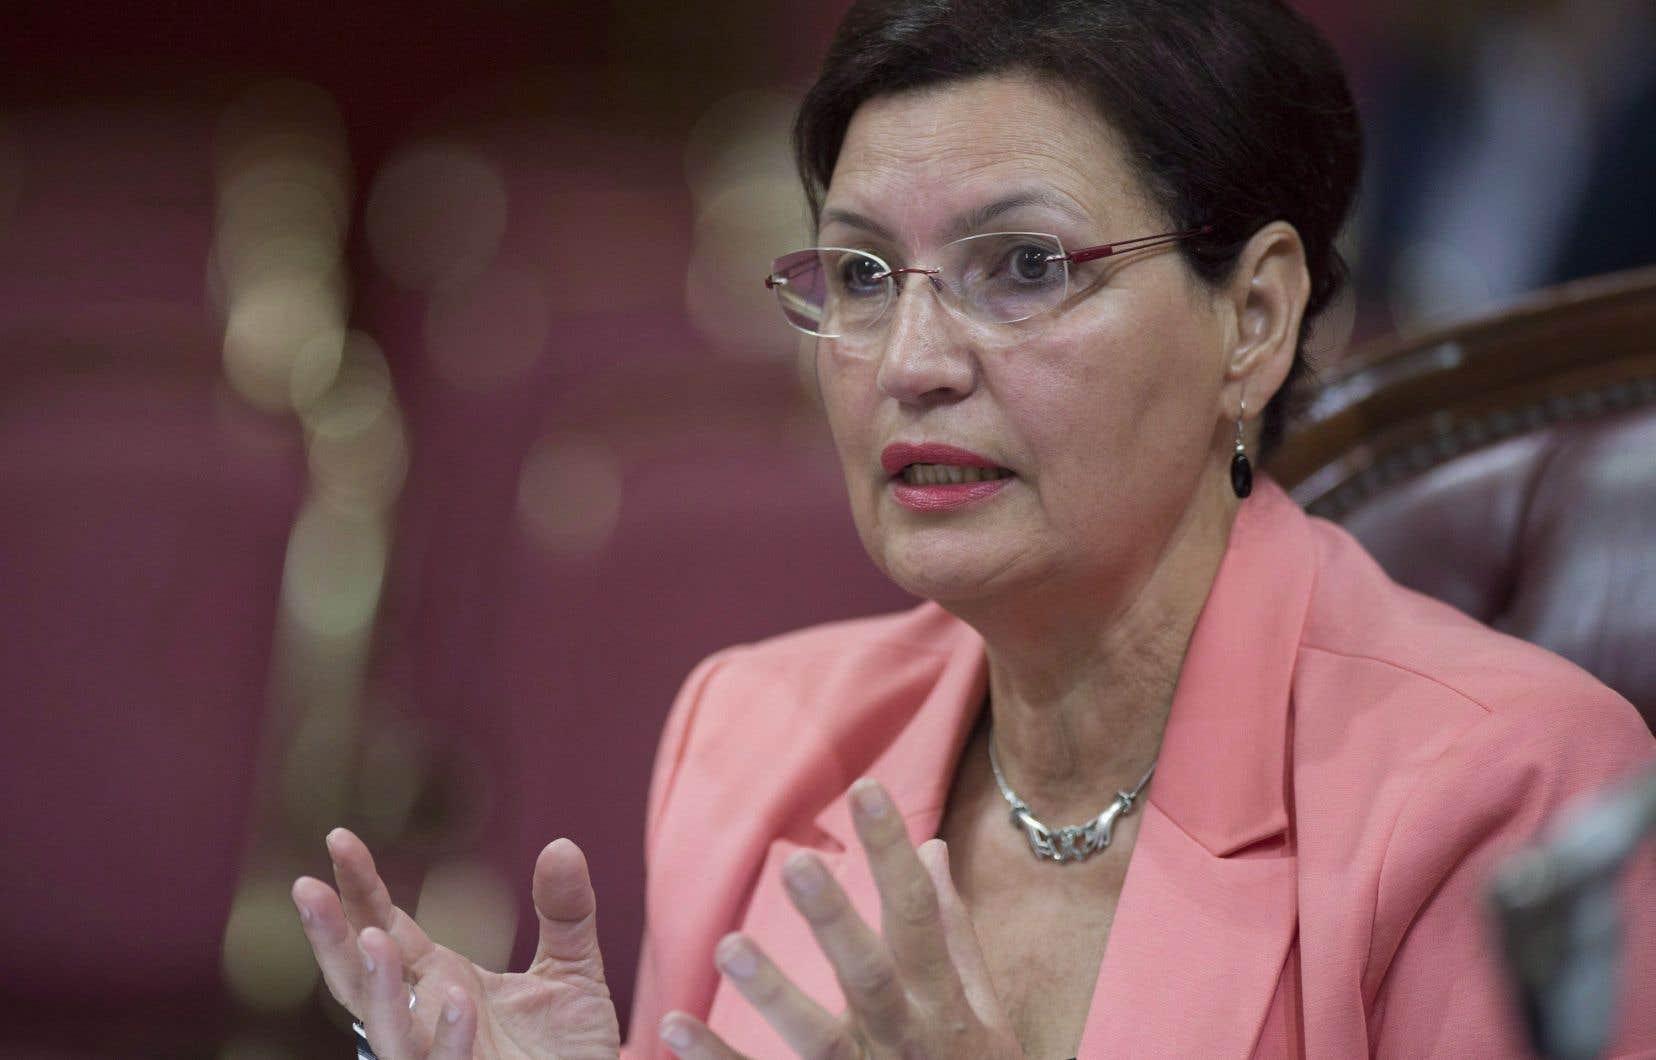 La loi sur la neutralité religieuse votée par les libéraux représente un recul pour les droits des femmes et pour le Québec, estime Fatima Houda-Pepin.